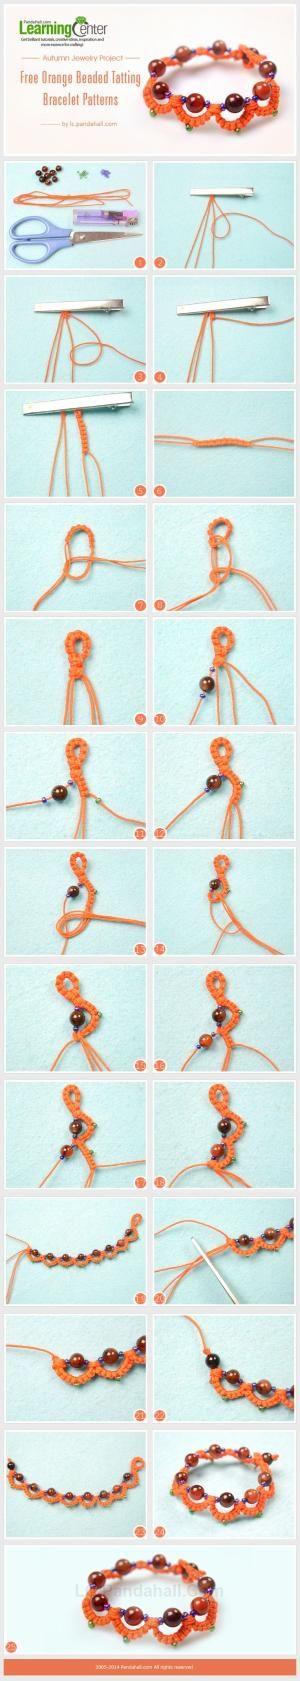 Herbst Schmuck Projekt- Orange Gratis-Perlen-Armband Occhi-Muster durch wollen